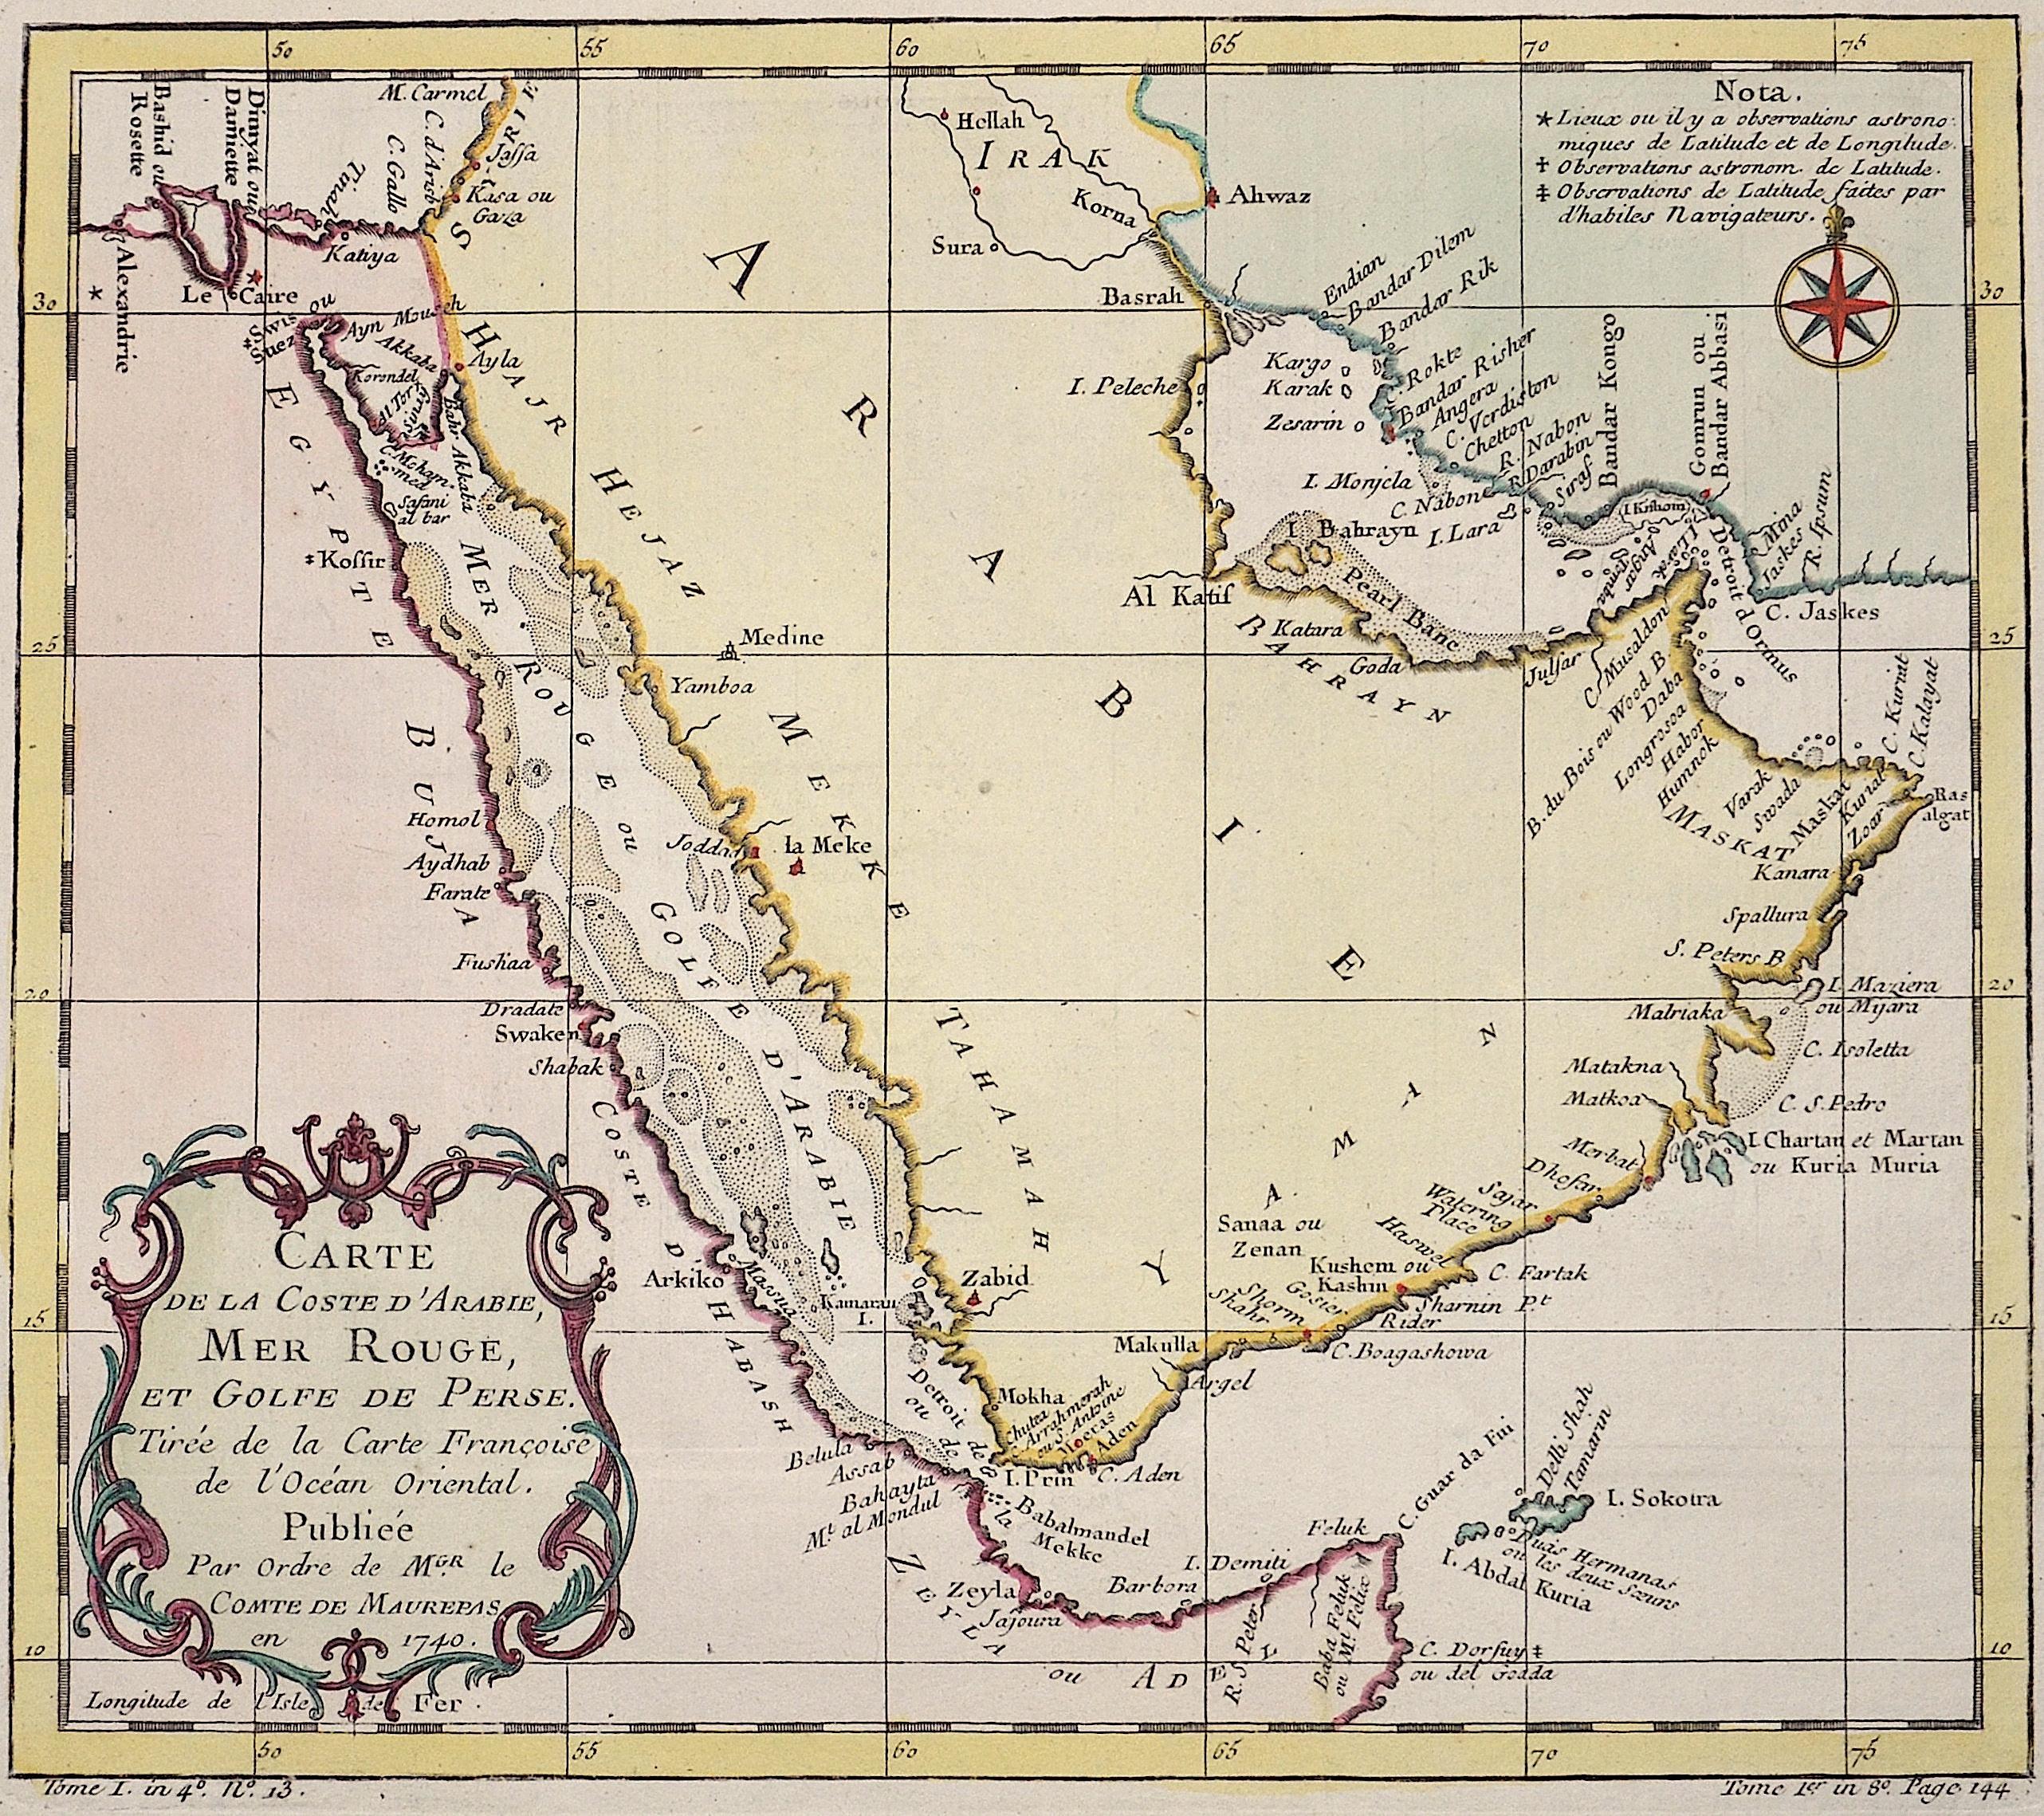 Bellin Jacques Nicolas Carte de la Coste d'Arabie, Mer Rouge, et Golfe de Perse.